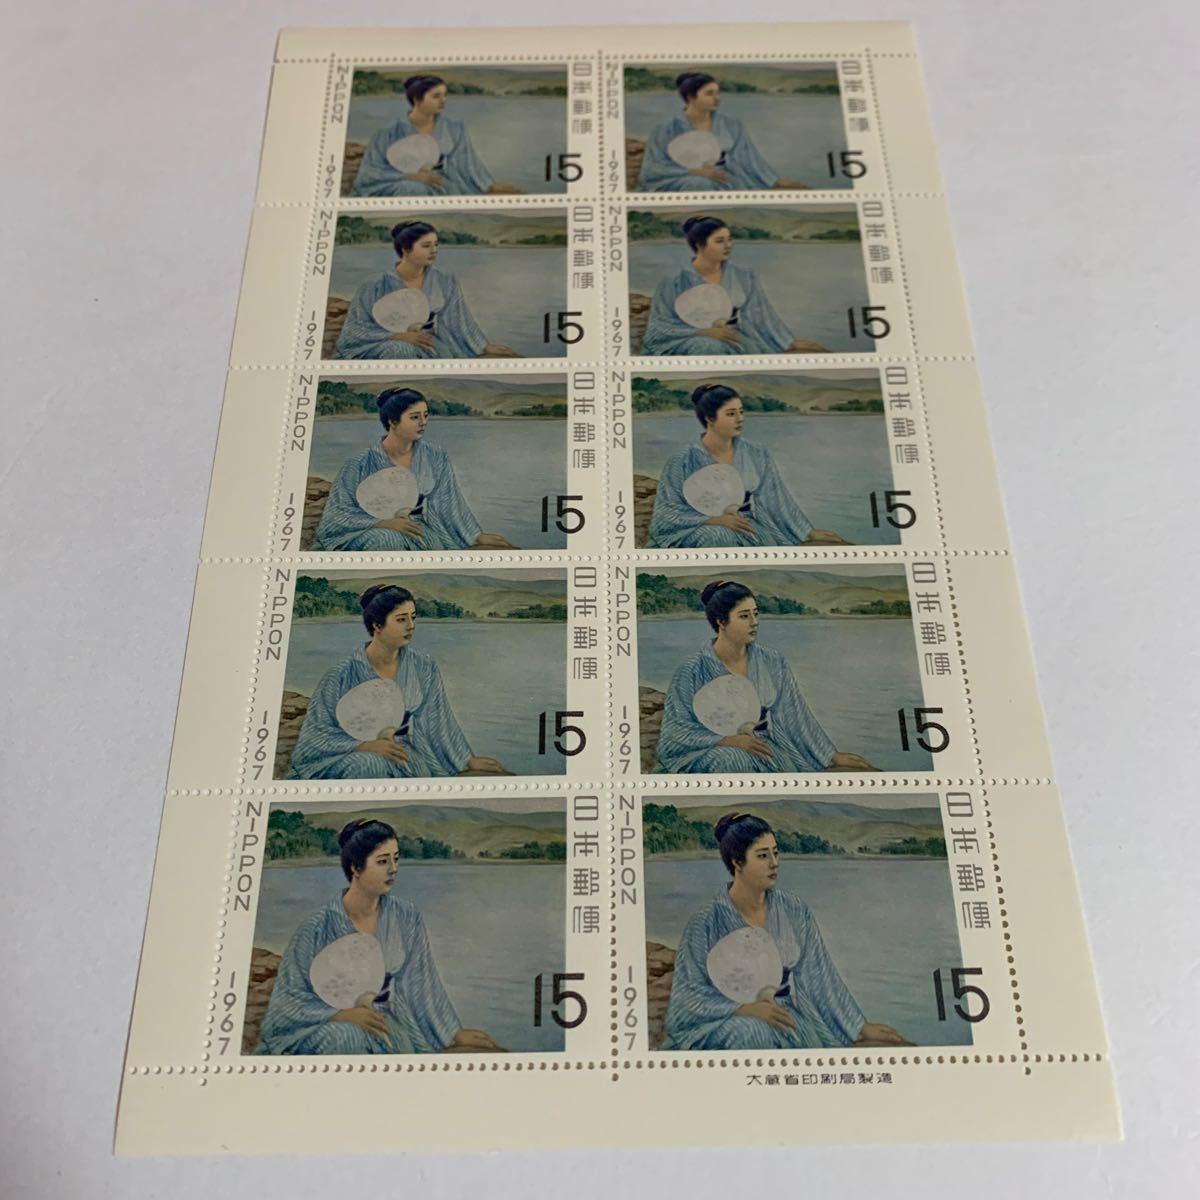 切手趣味週間 湖畔   昭和42年 切手 切手シート 日本切手 記念切手